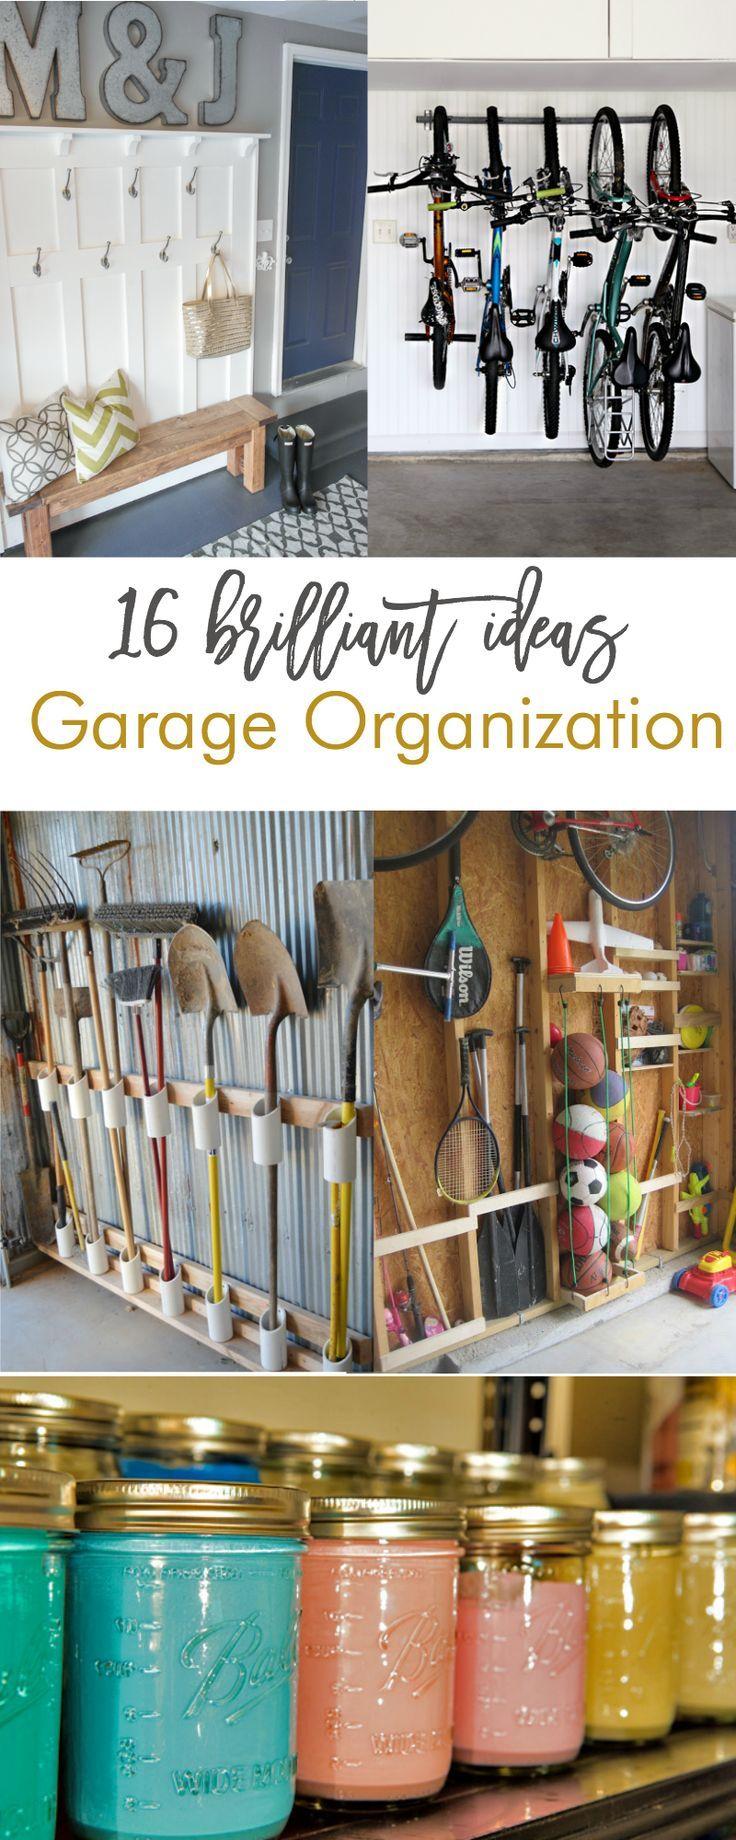 16 brilliant garage organization ideas. Love these